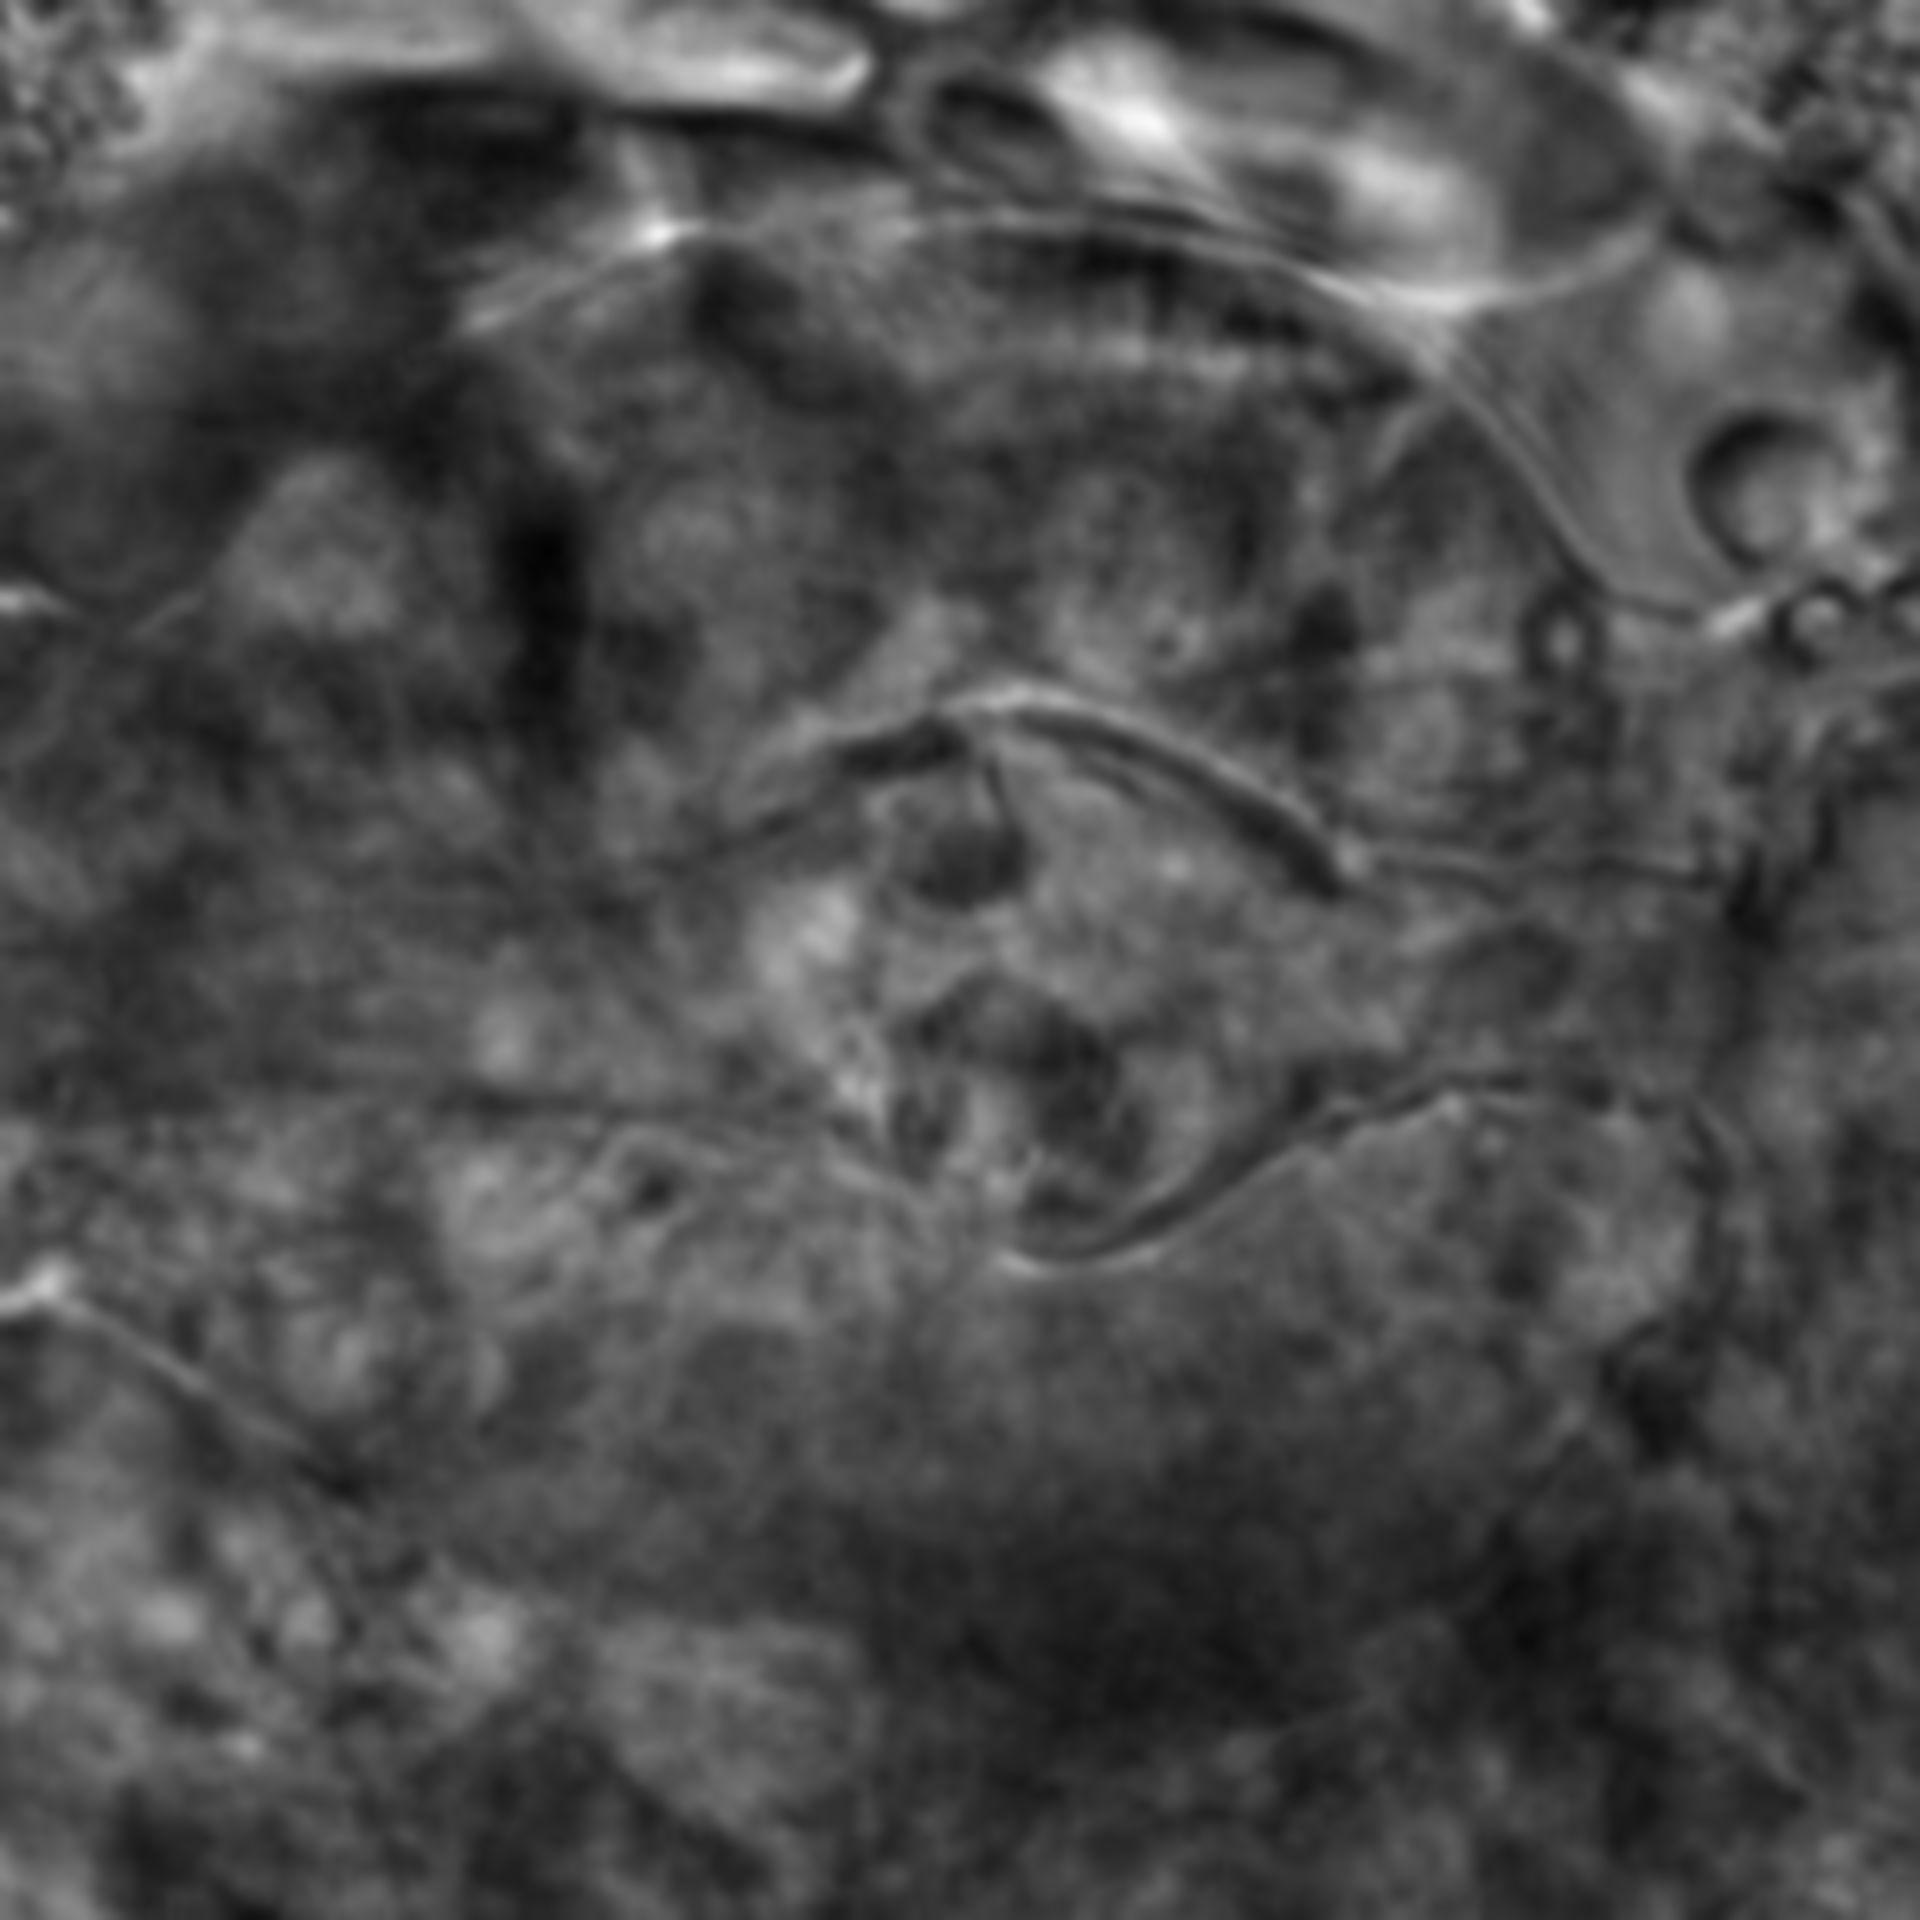 Caenorhabditis elegans - CIL:2751